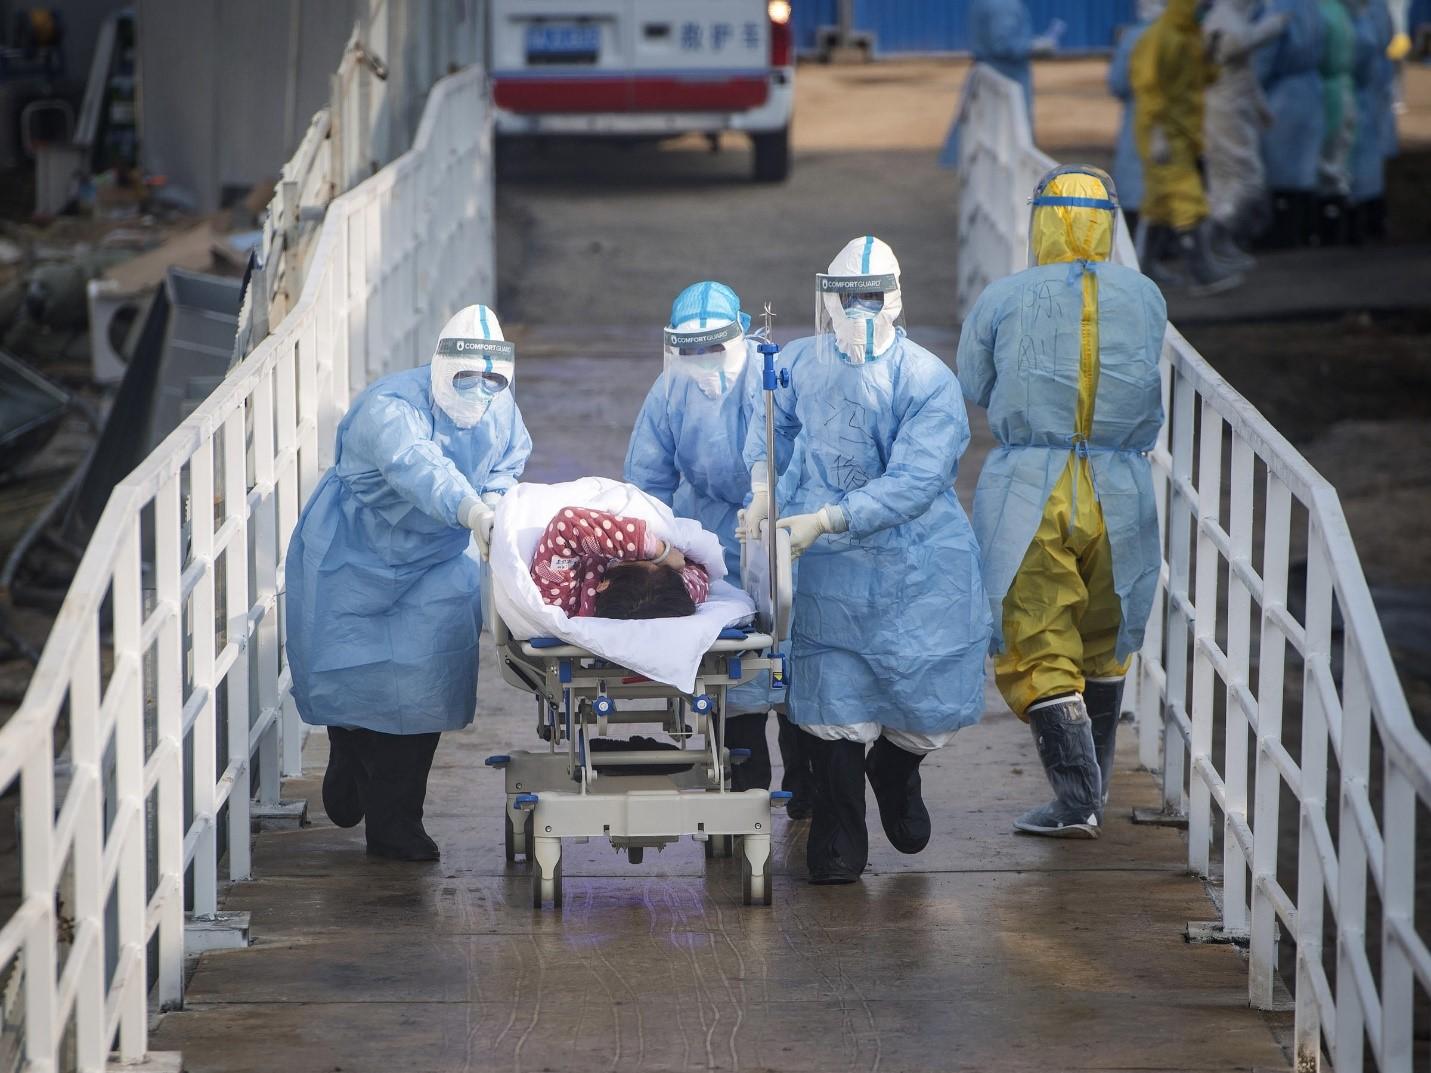 پاسخ علمی به چند سوال مهم در رابطه با کرونا ویروس جدید